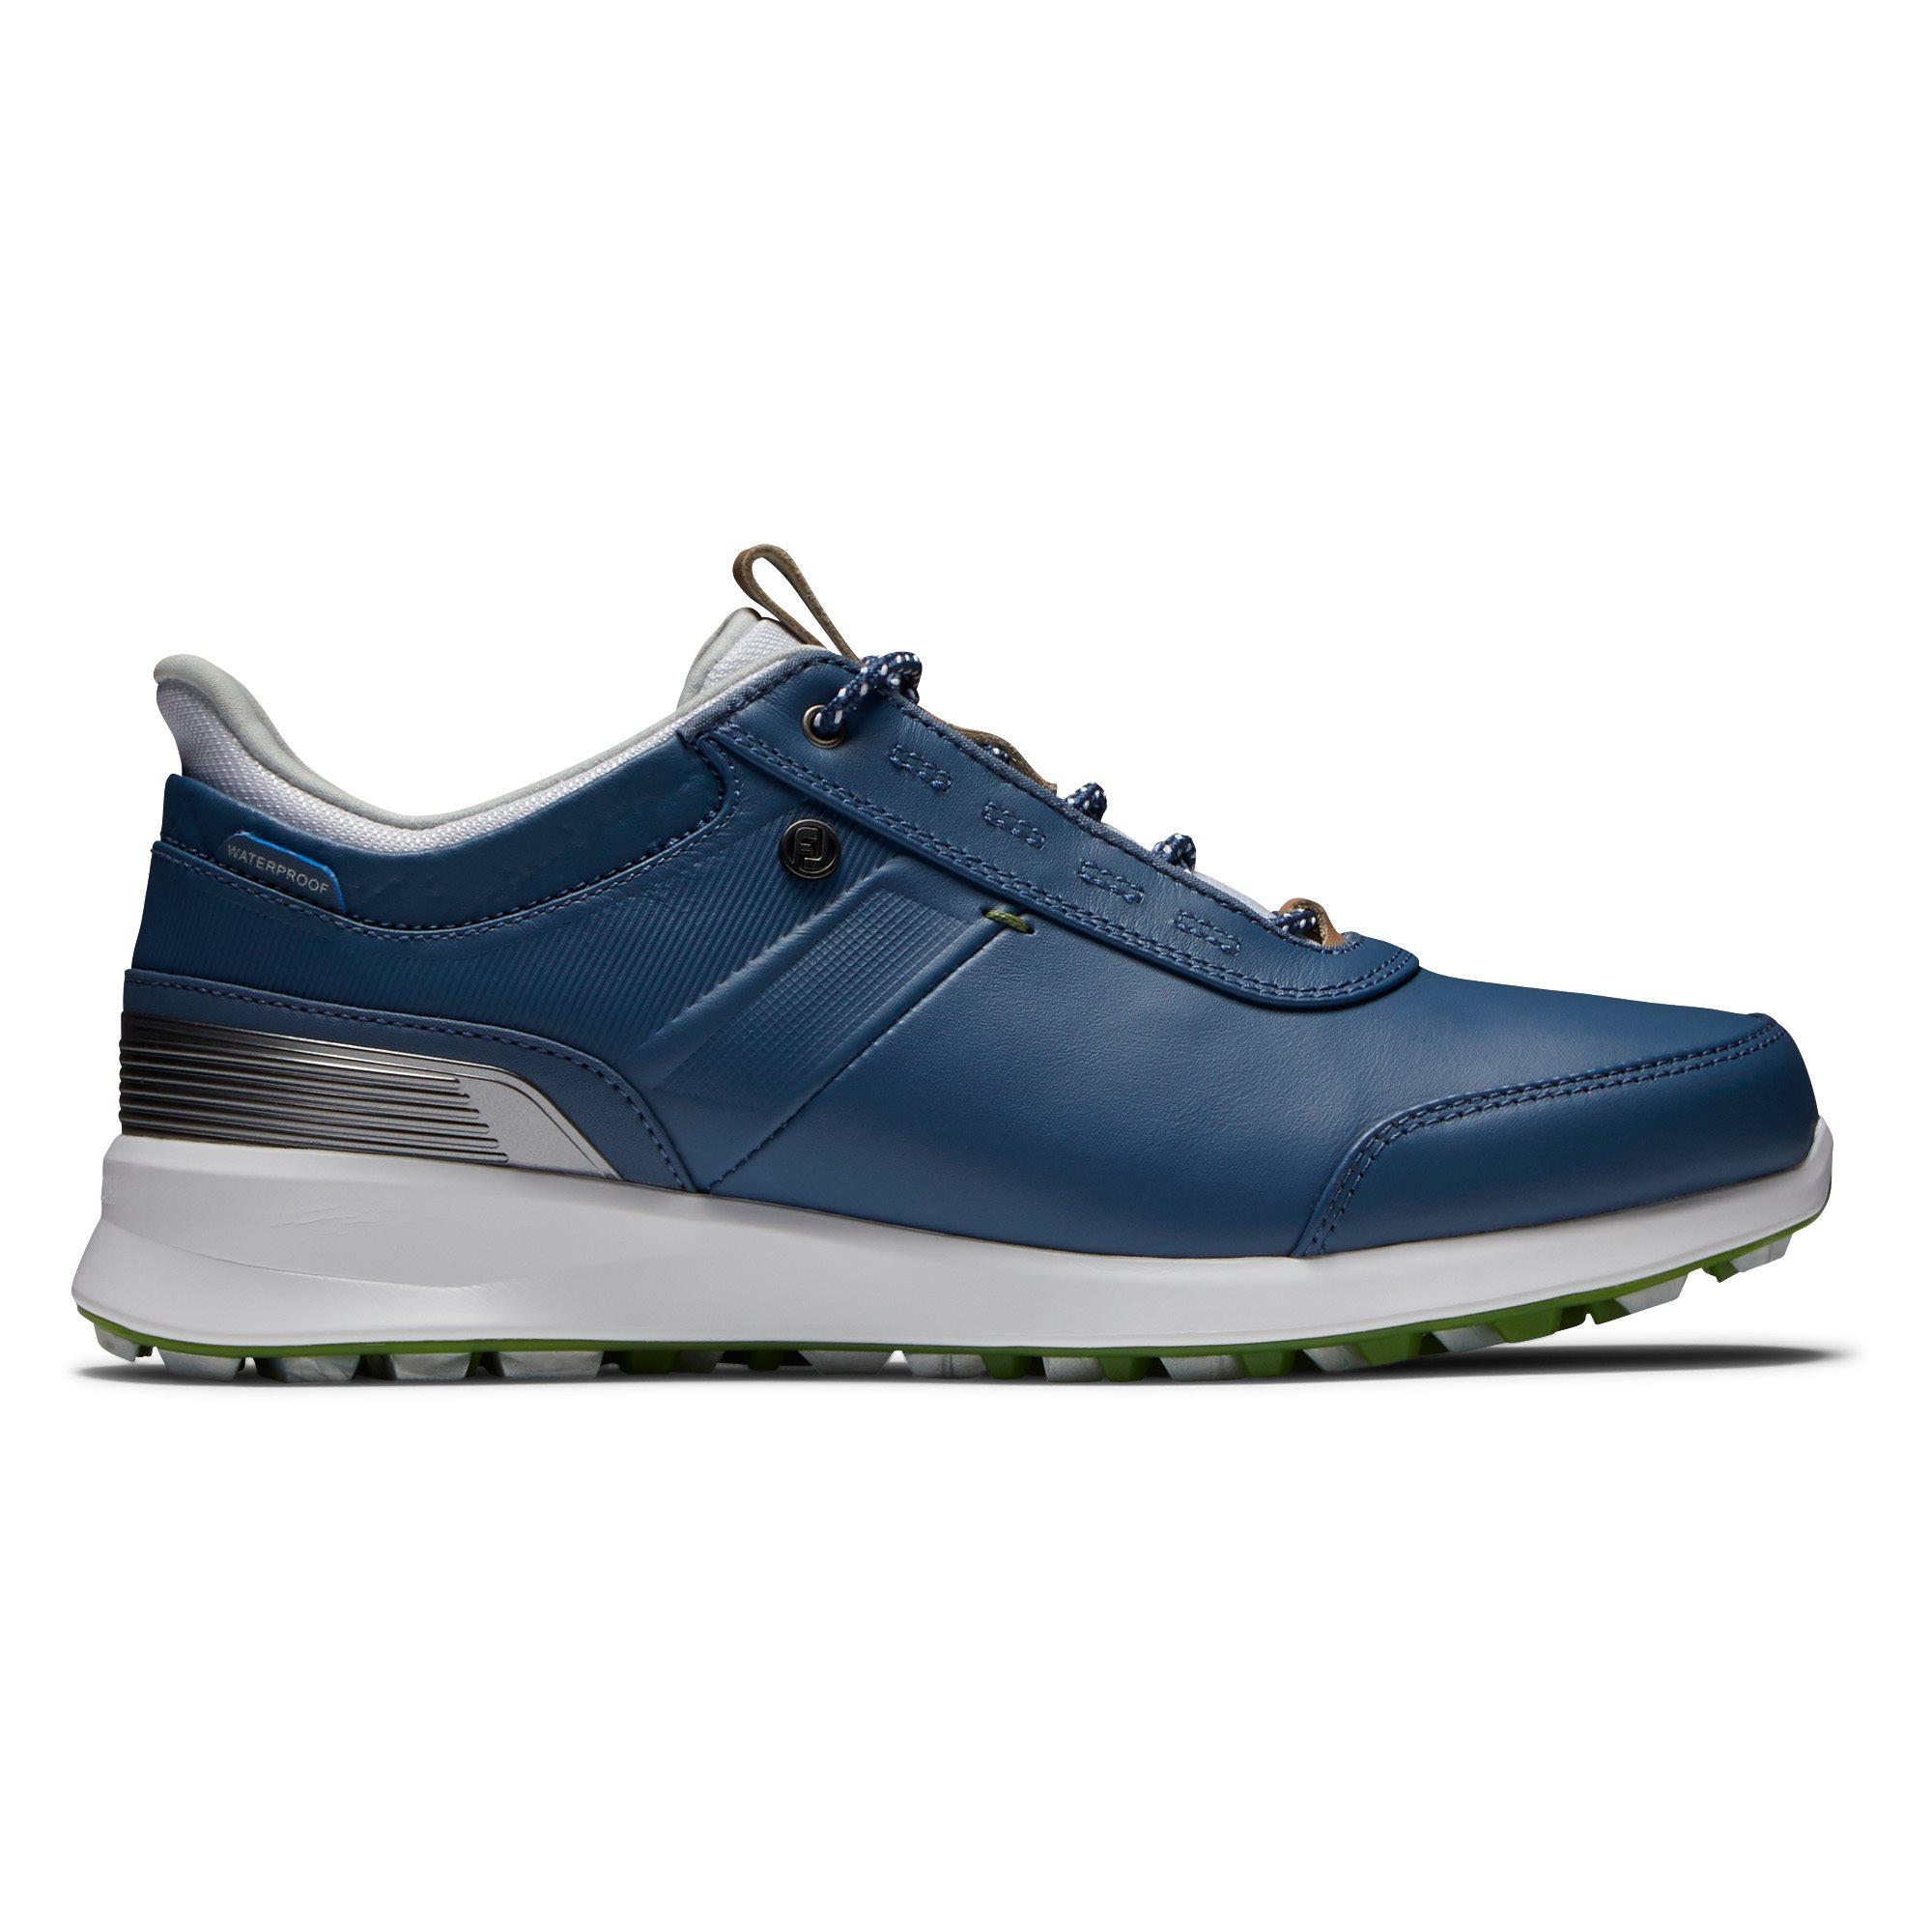 FootJoy dames golfschoenen Stratos blauw-groen